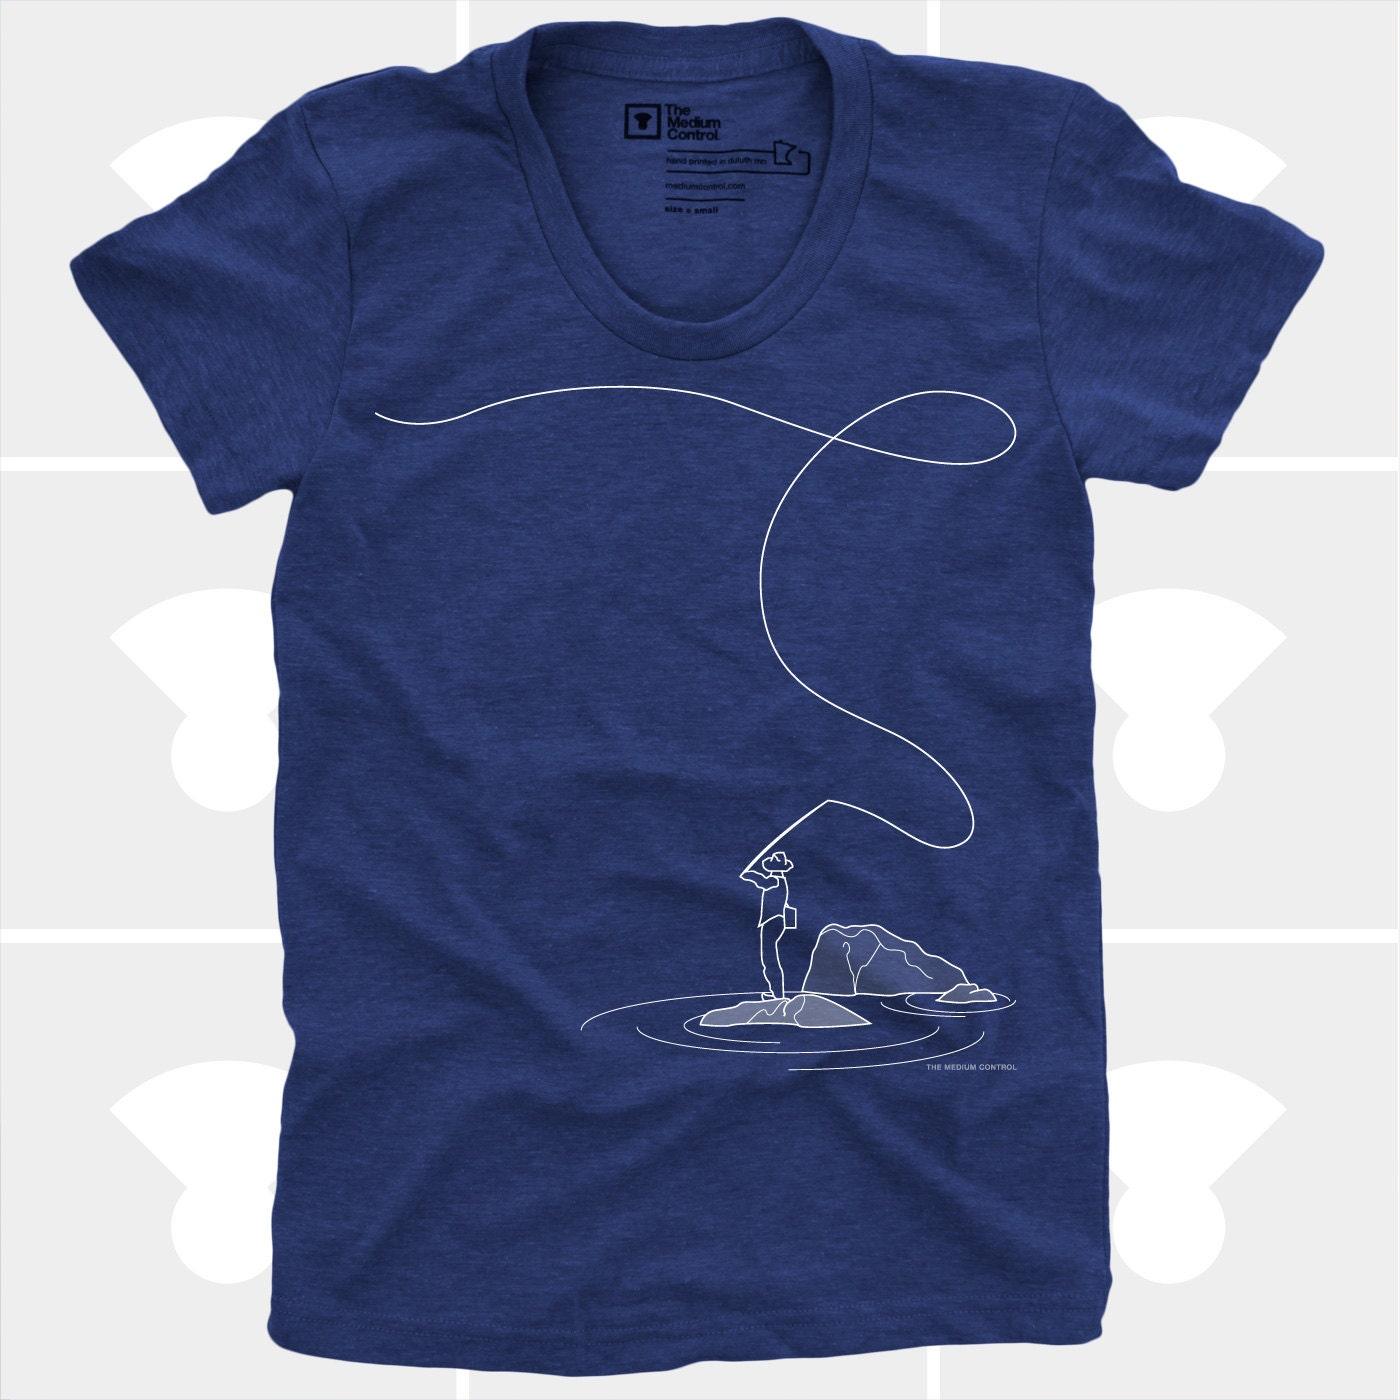 Women 39 s tshirt fly fishing women womens top smlxl for Best fishing shirts